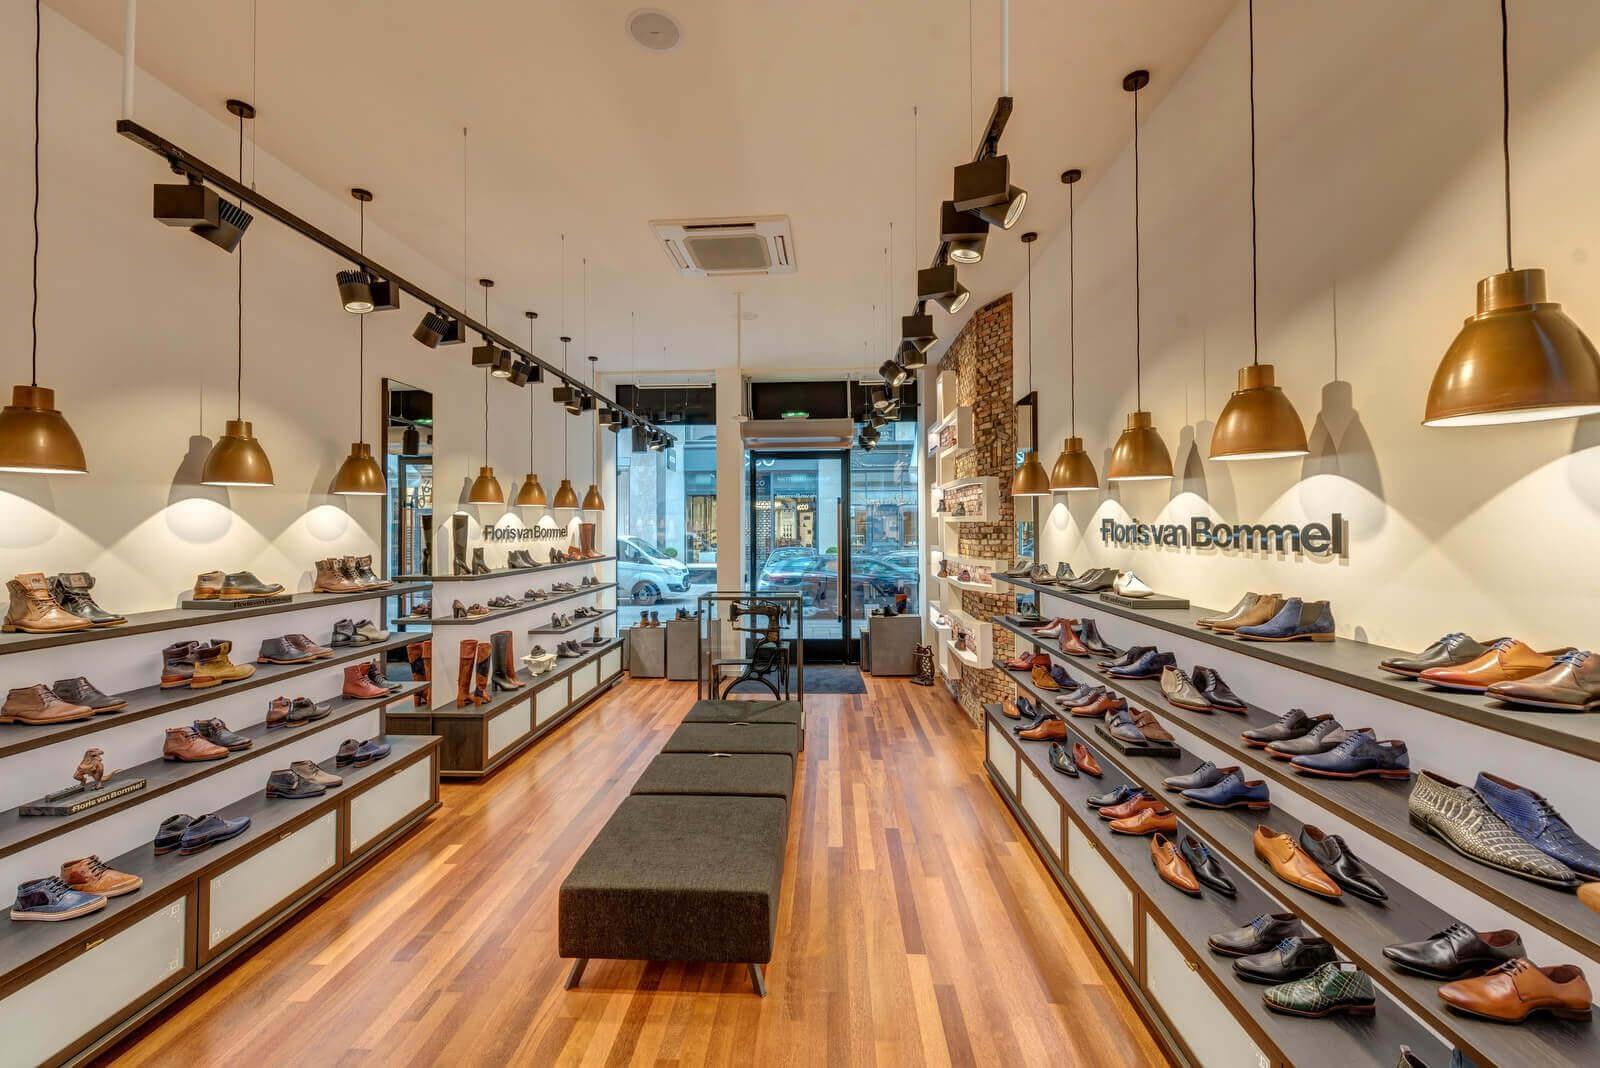 einzelhandel-fotograf-hamburg-retail-shop-interieur-laden-business-6